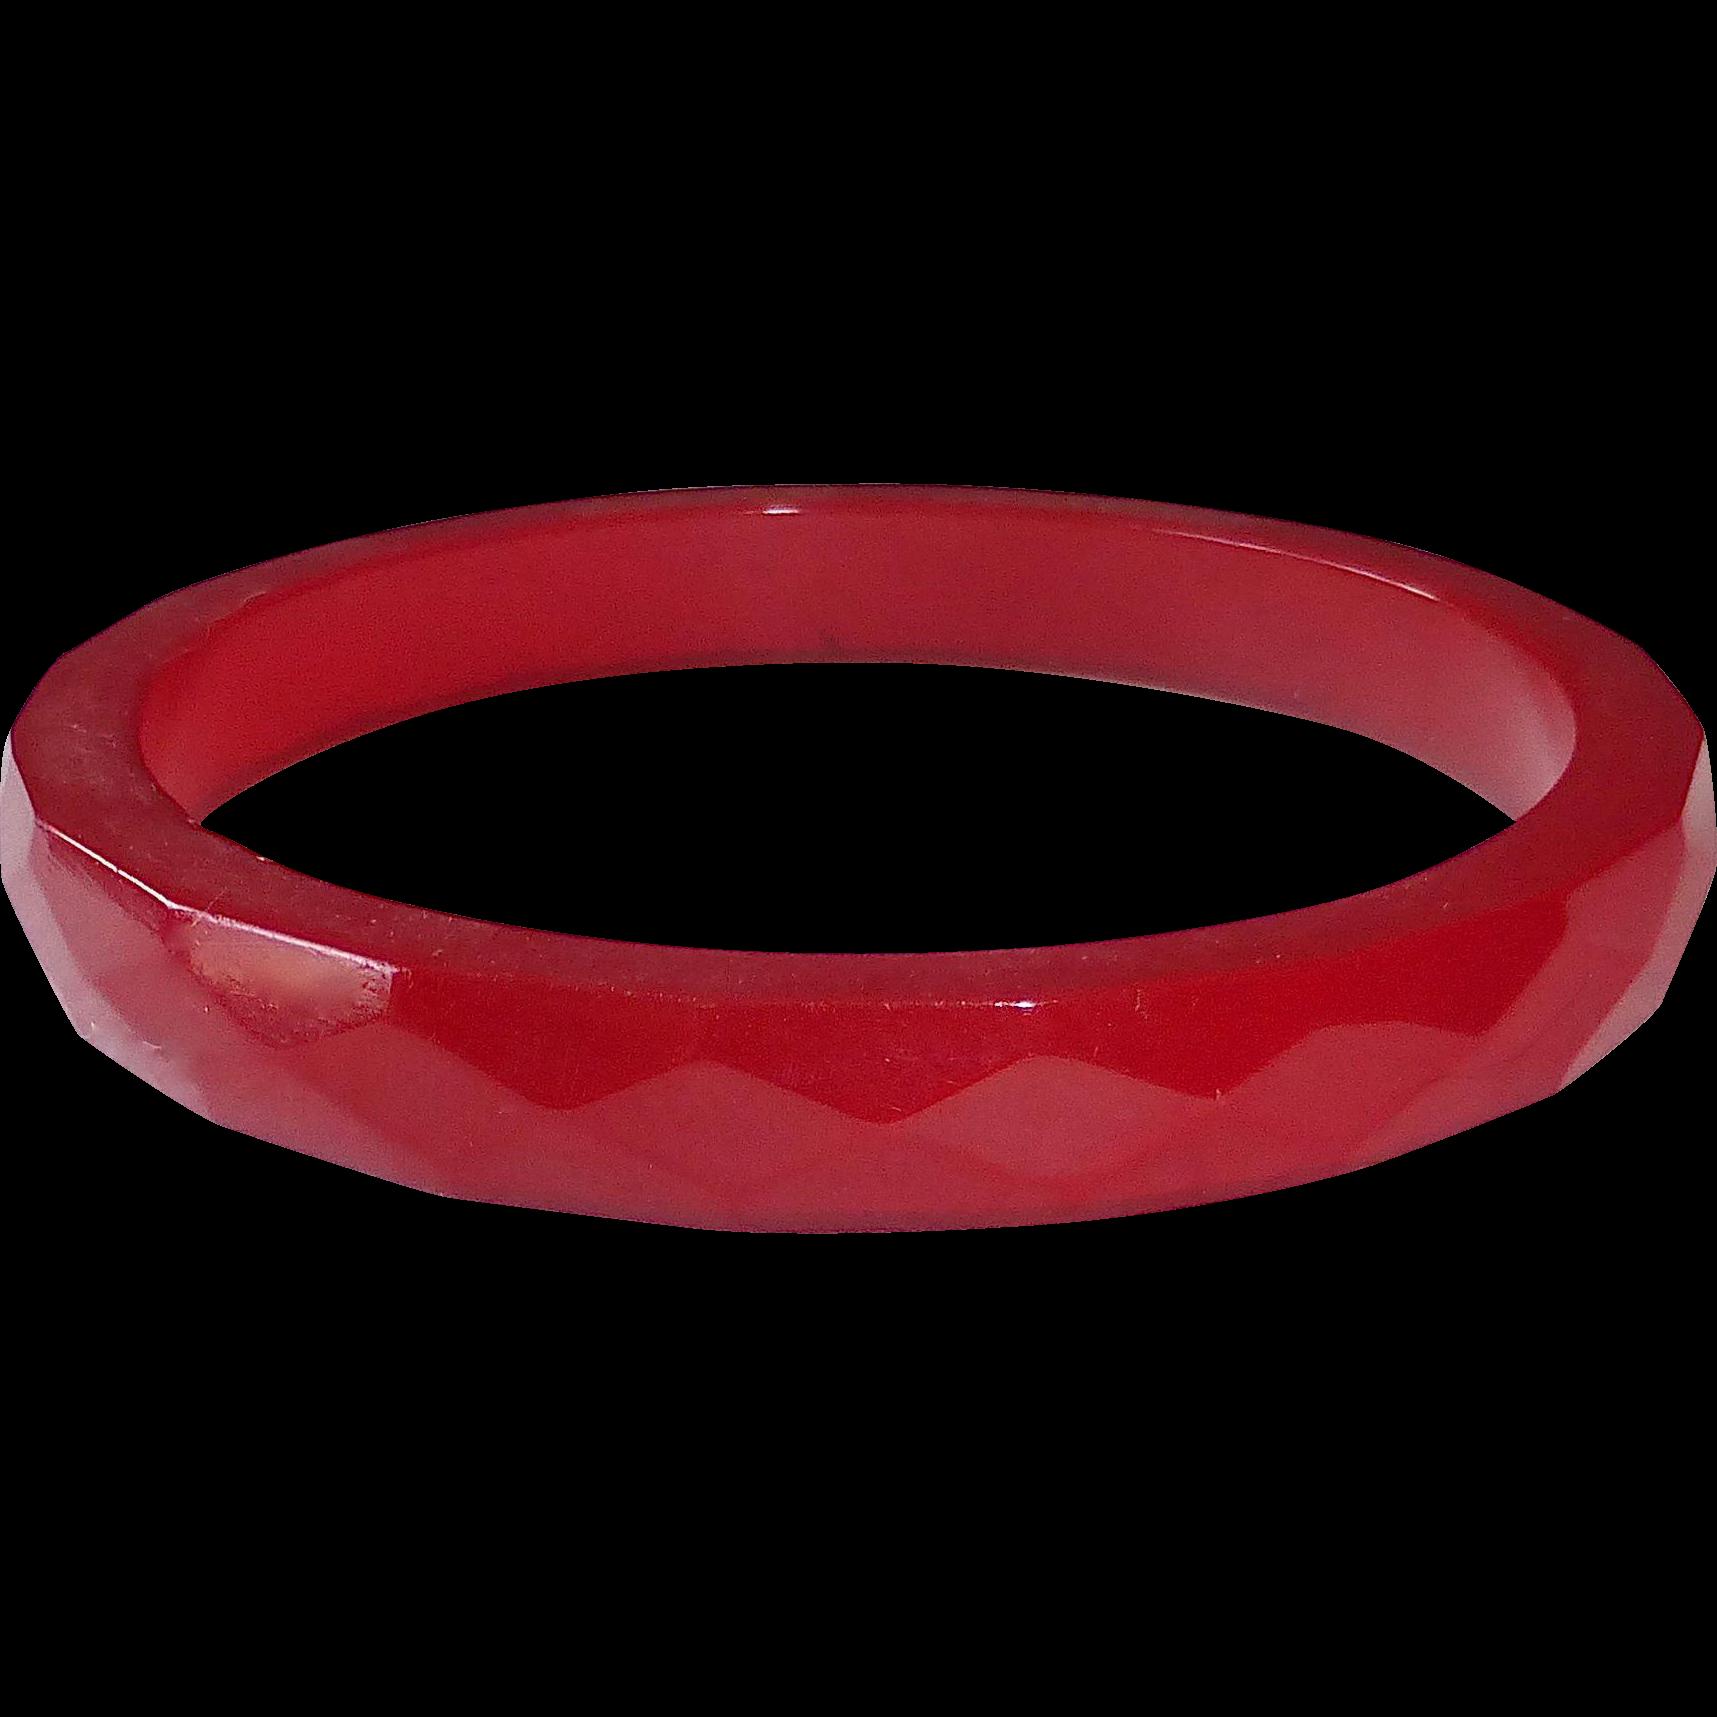 Bakelite Faceted Cherry Red Bangle Bracelet